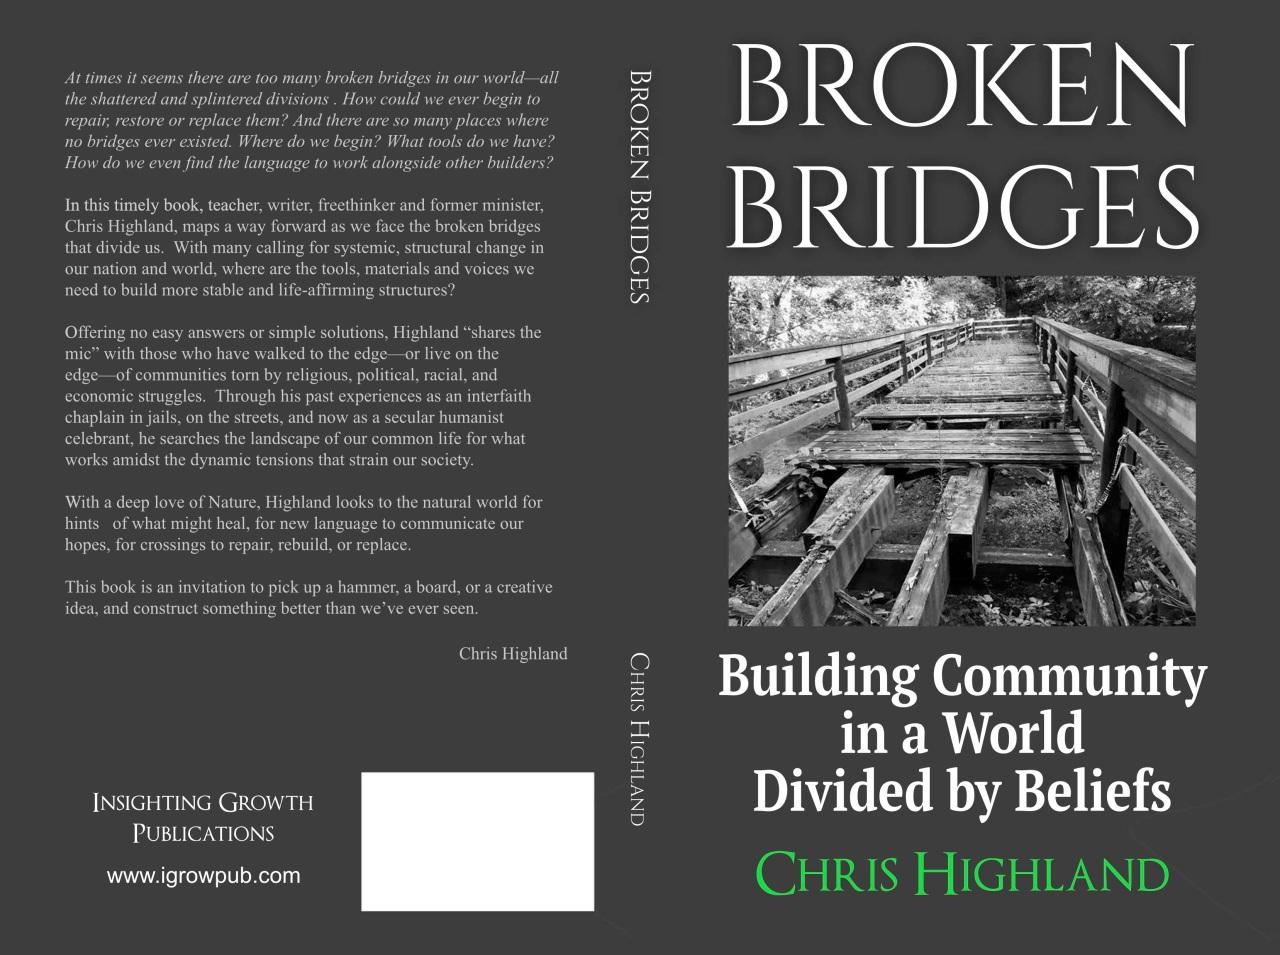 BrokenBridgesCover120Pages20200618COptimized